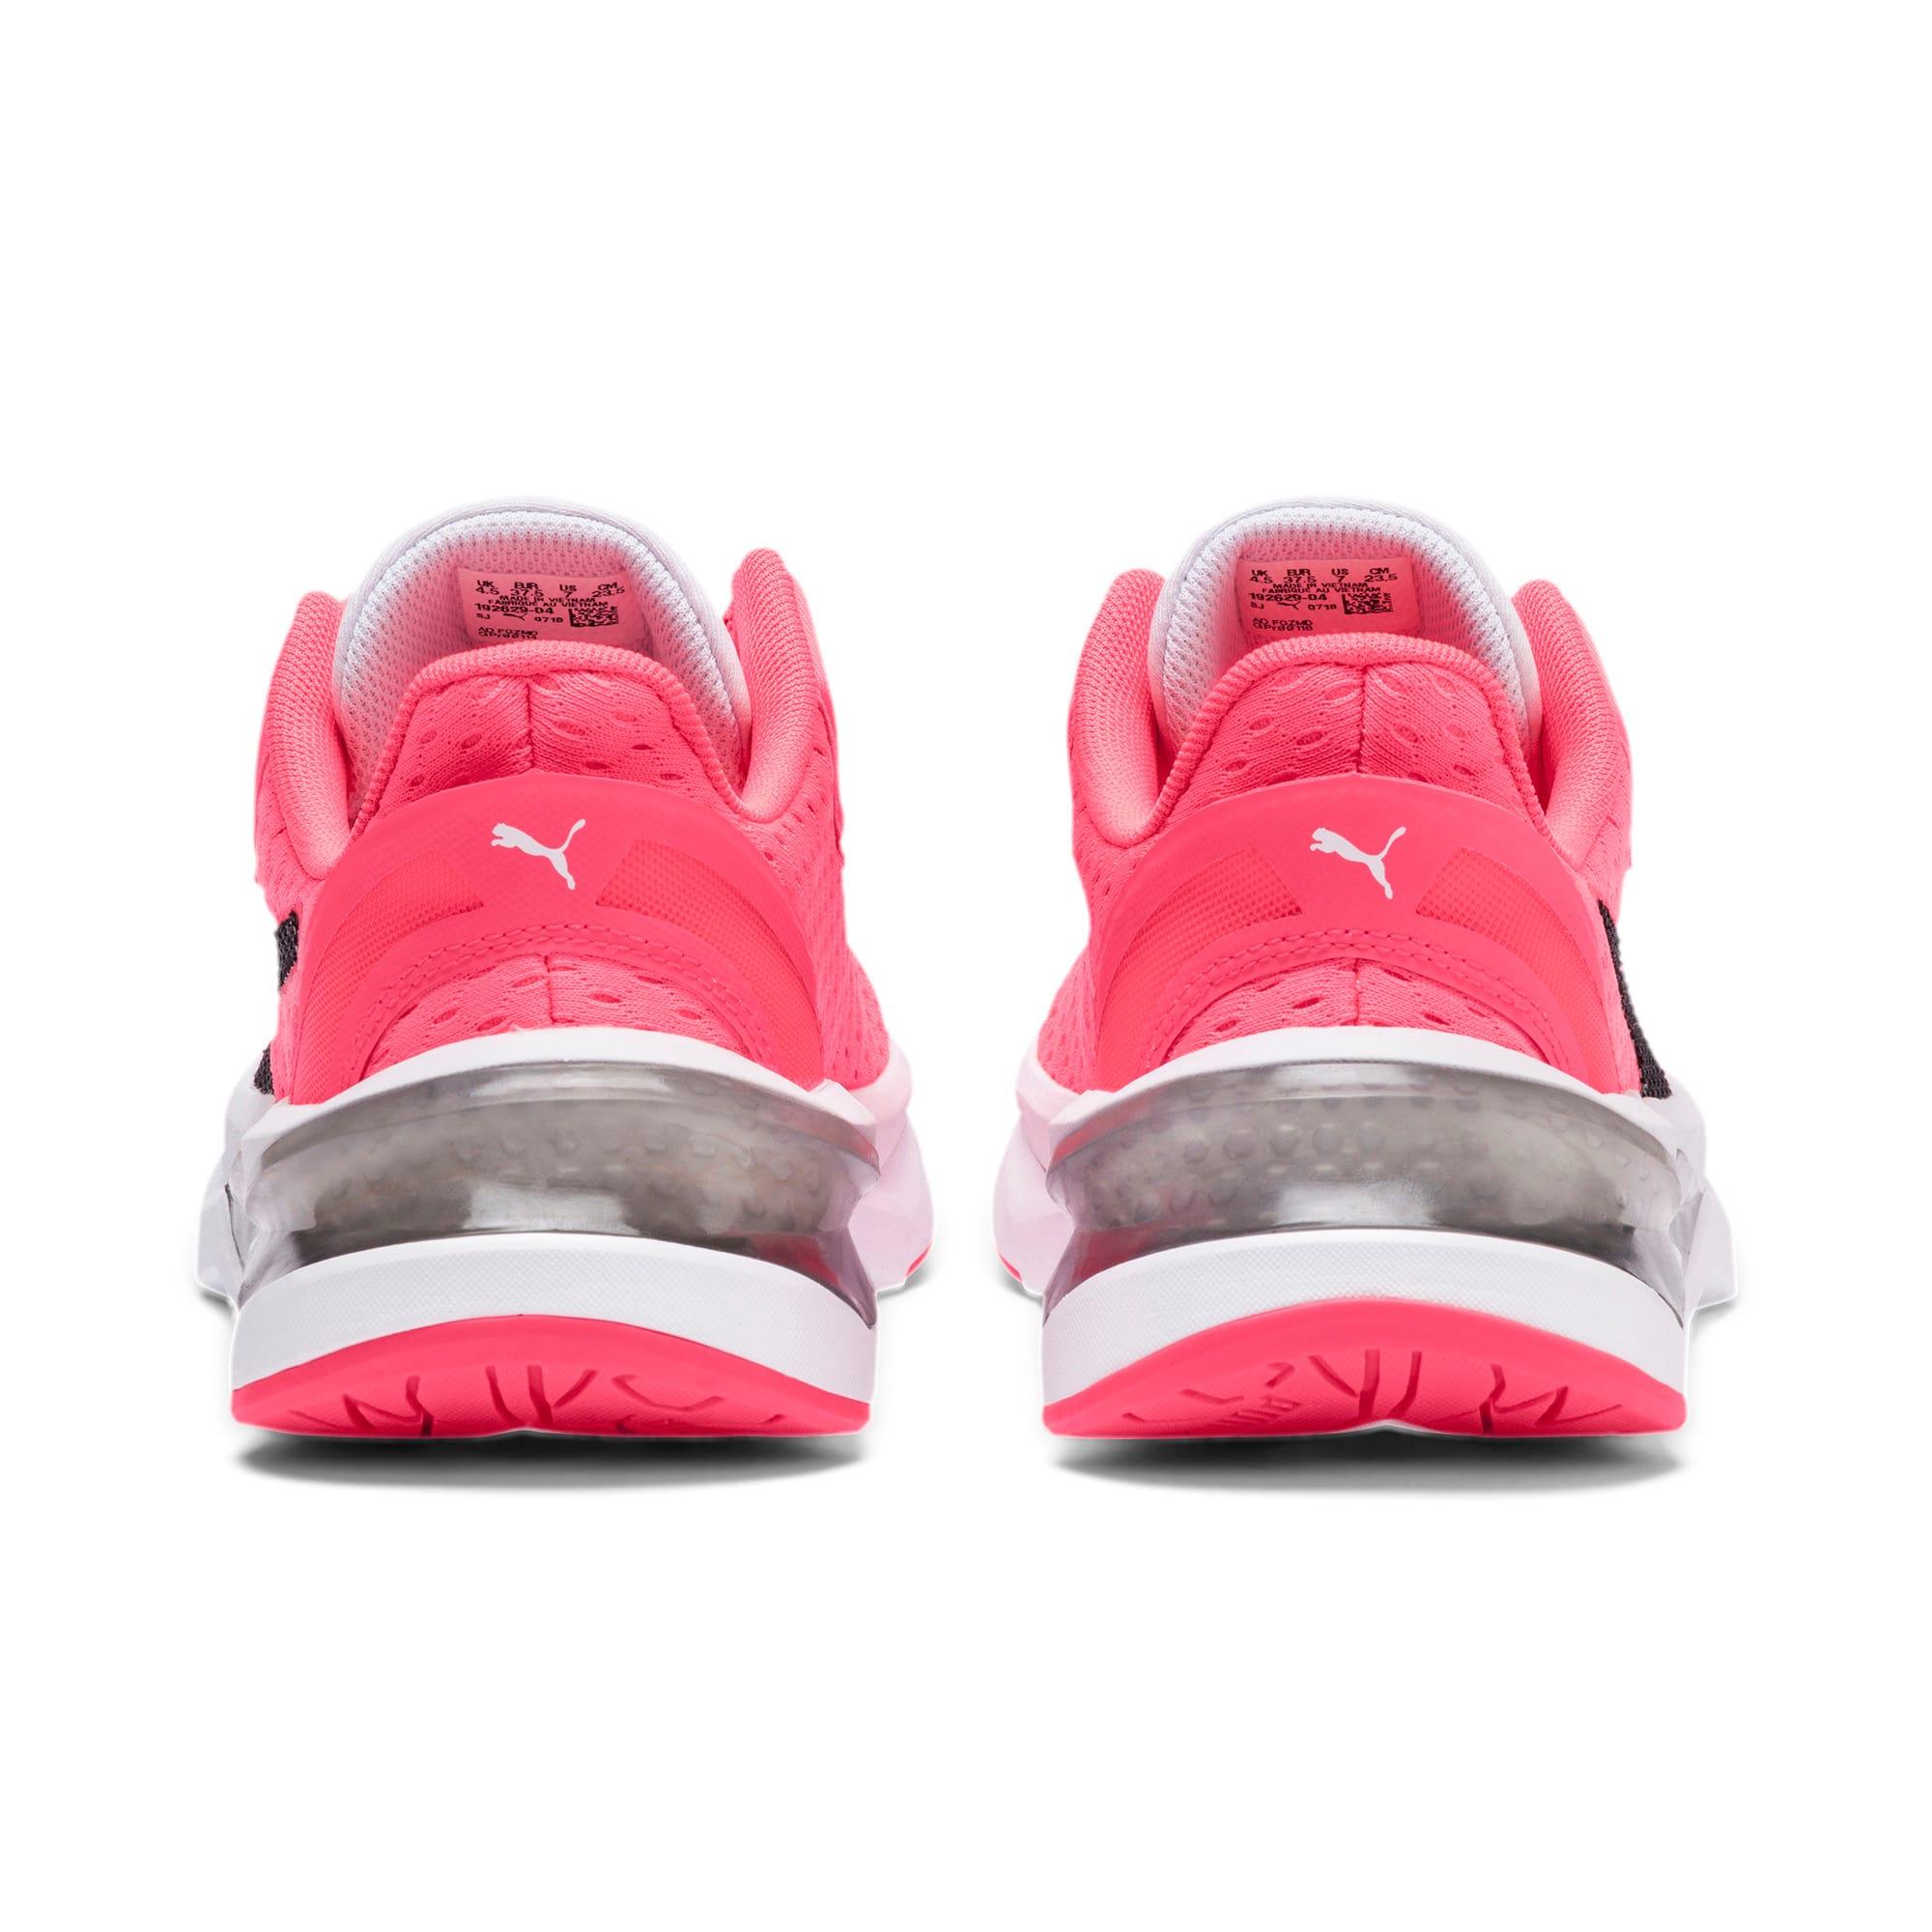 Imagen en miniatura 4 de Zapatillas de training de mujer LQDCell Shatter XT, Pink Alert-Puma White, mediana